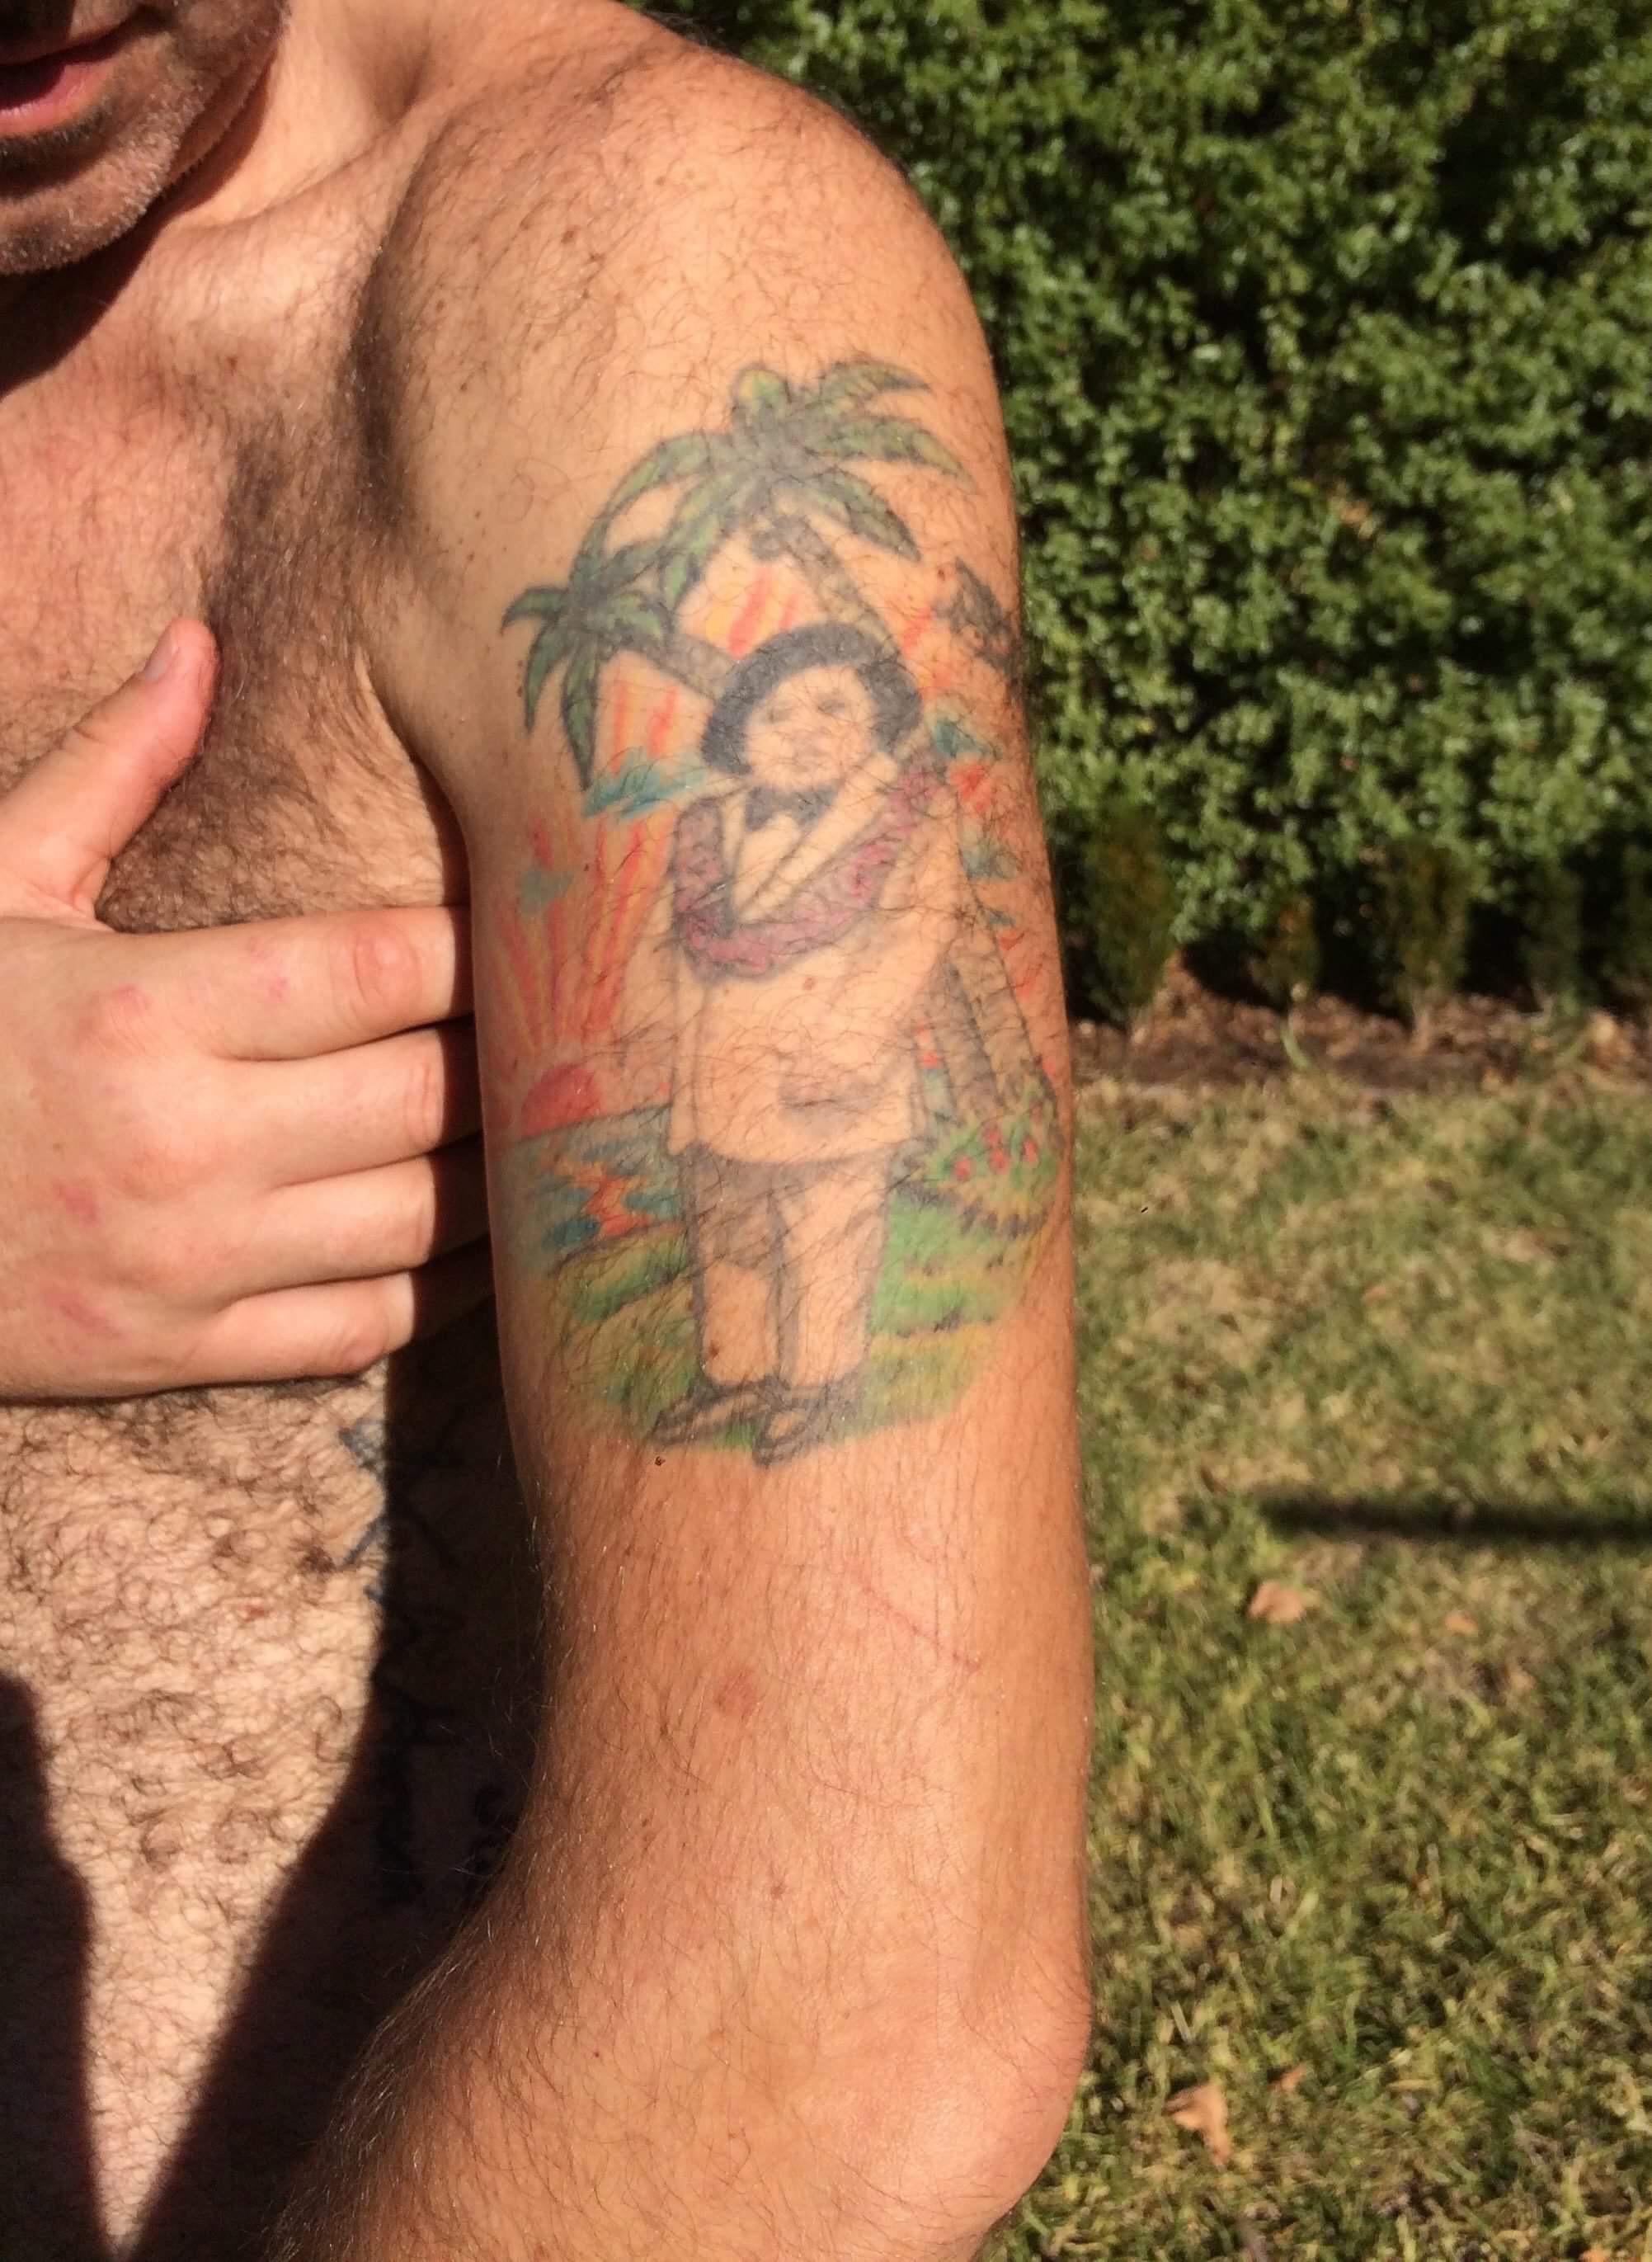 Frank's tattoo of Tattoo